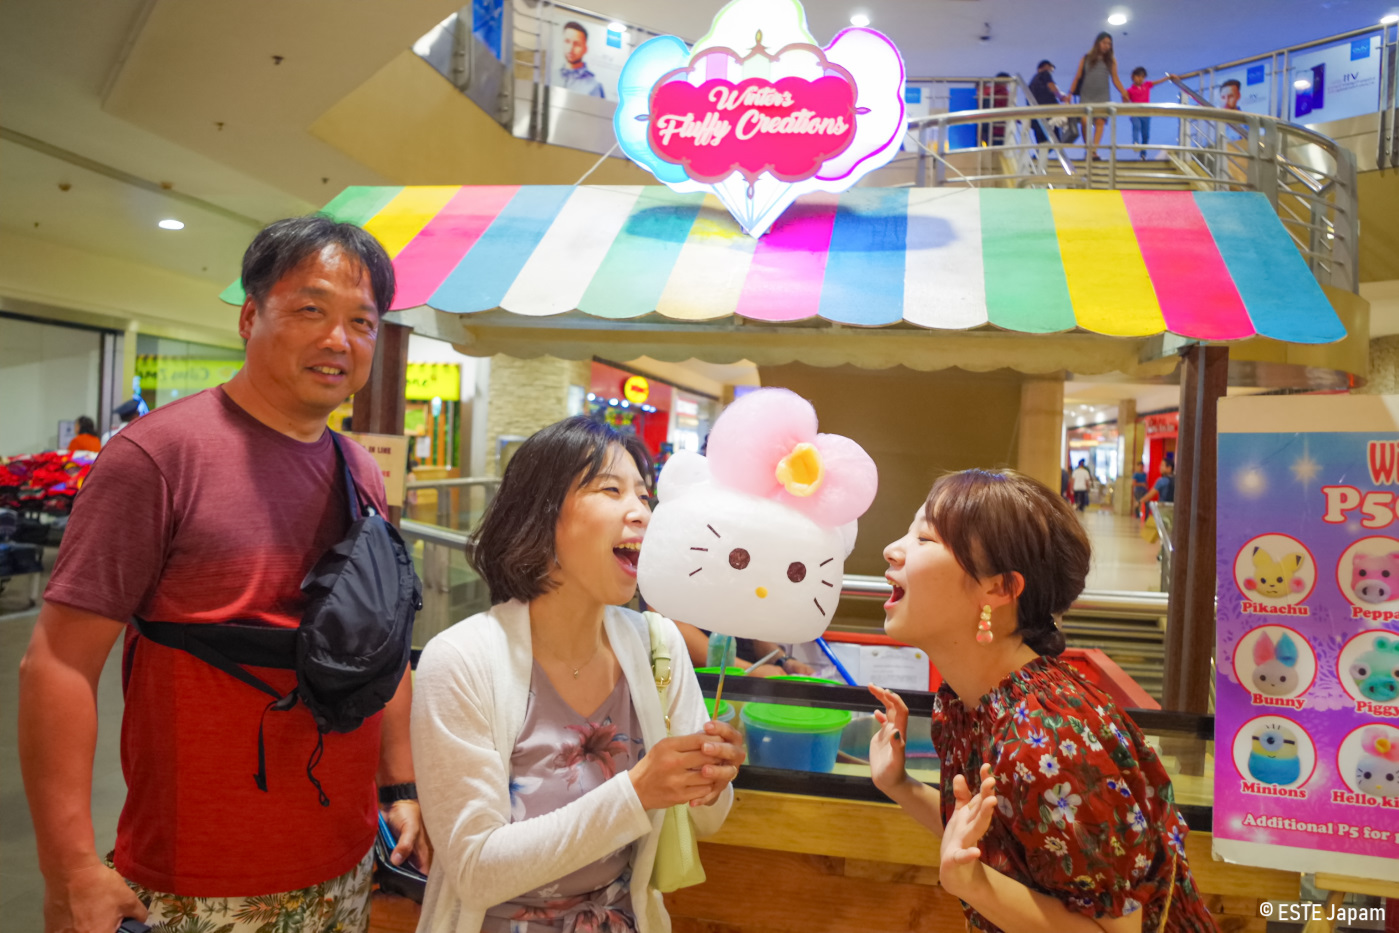 日本人ガイドを利用して市内観光をした家族